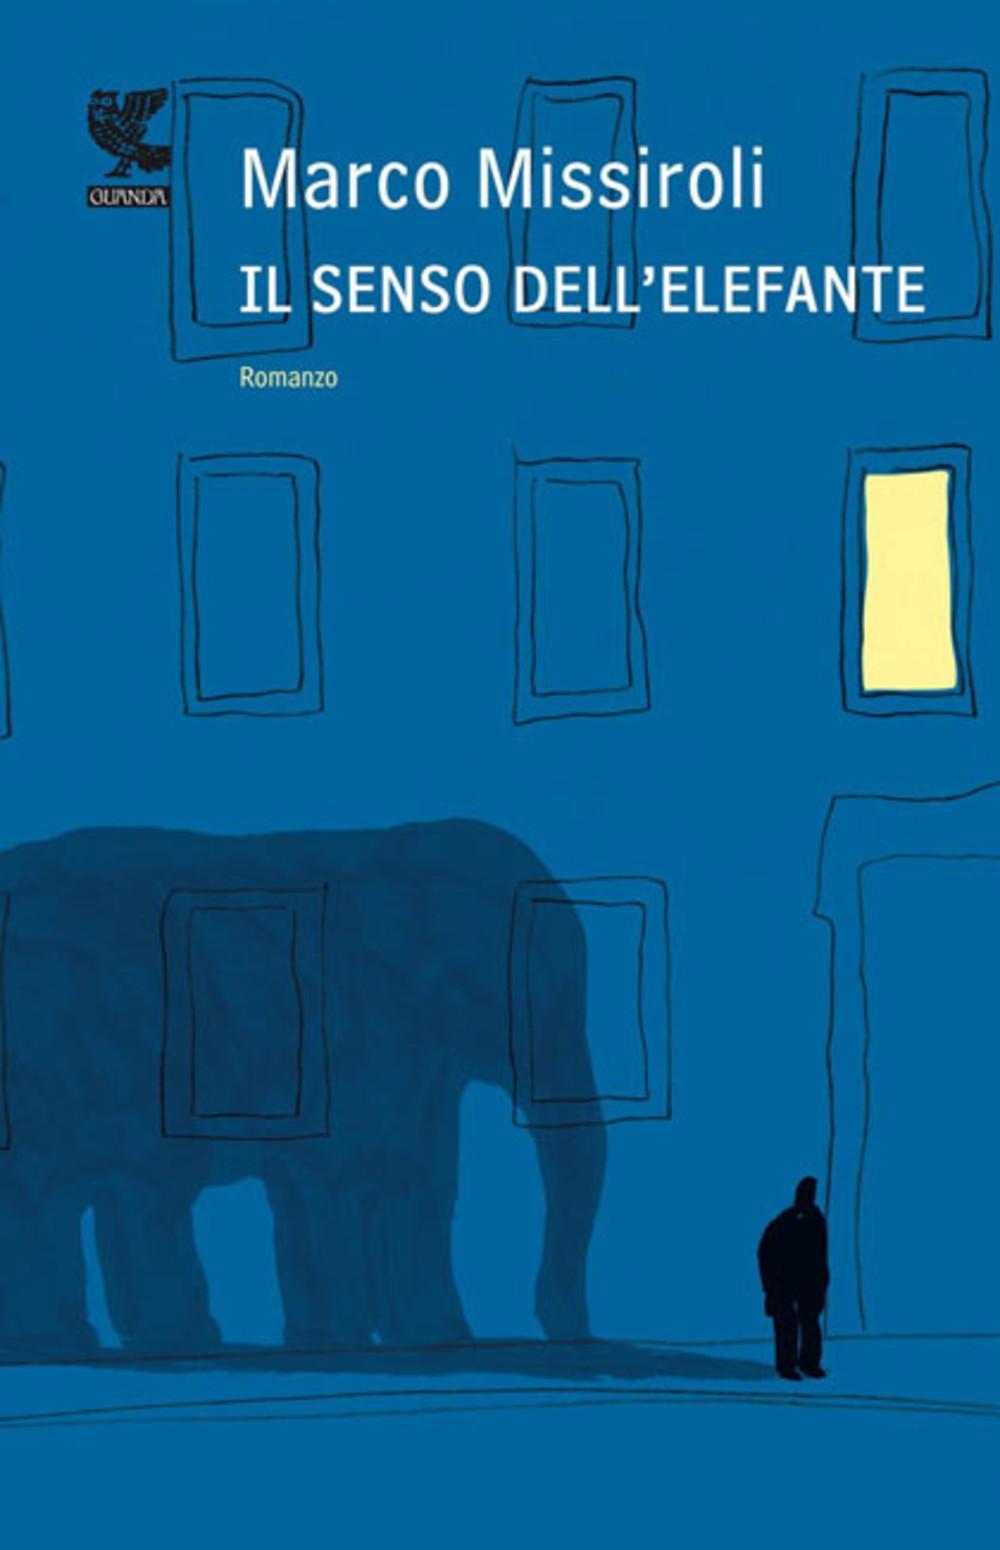 Marco Missiroli – Il Senso dell'Elefante